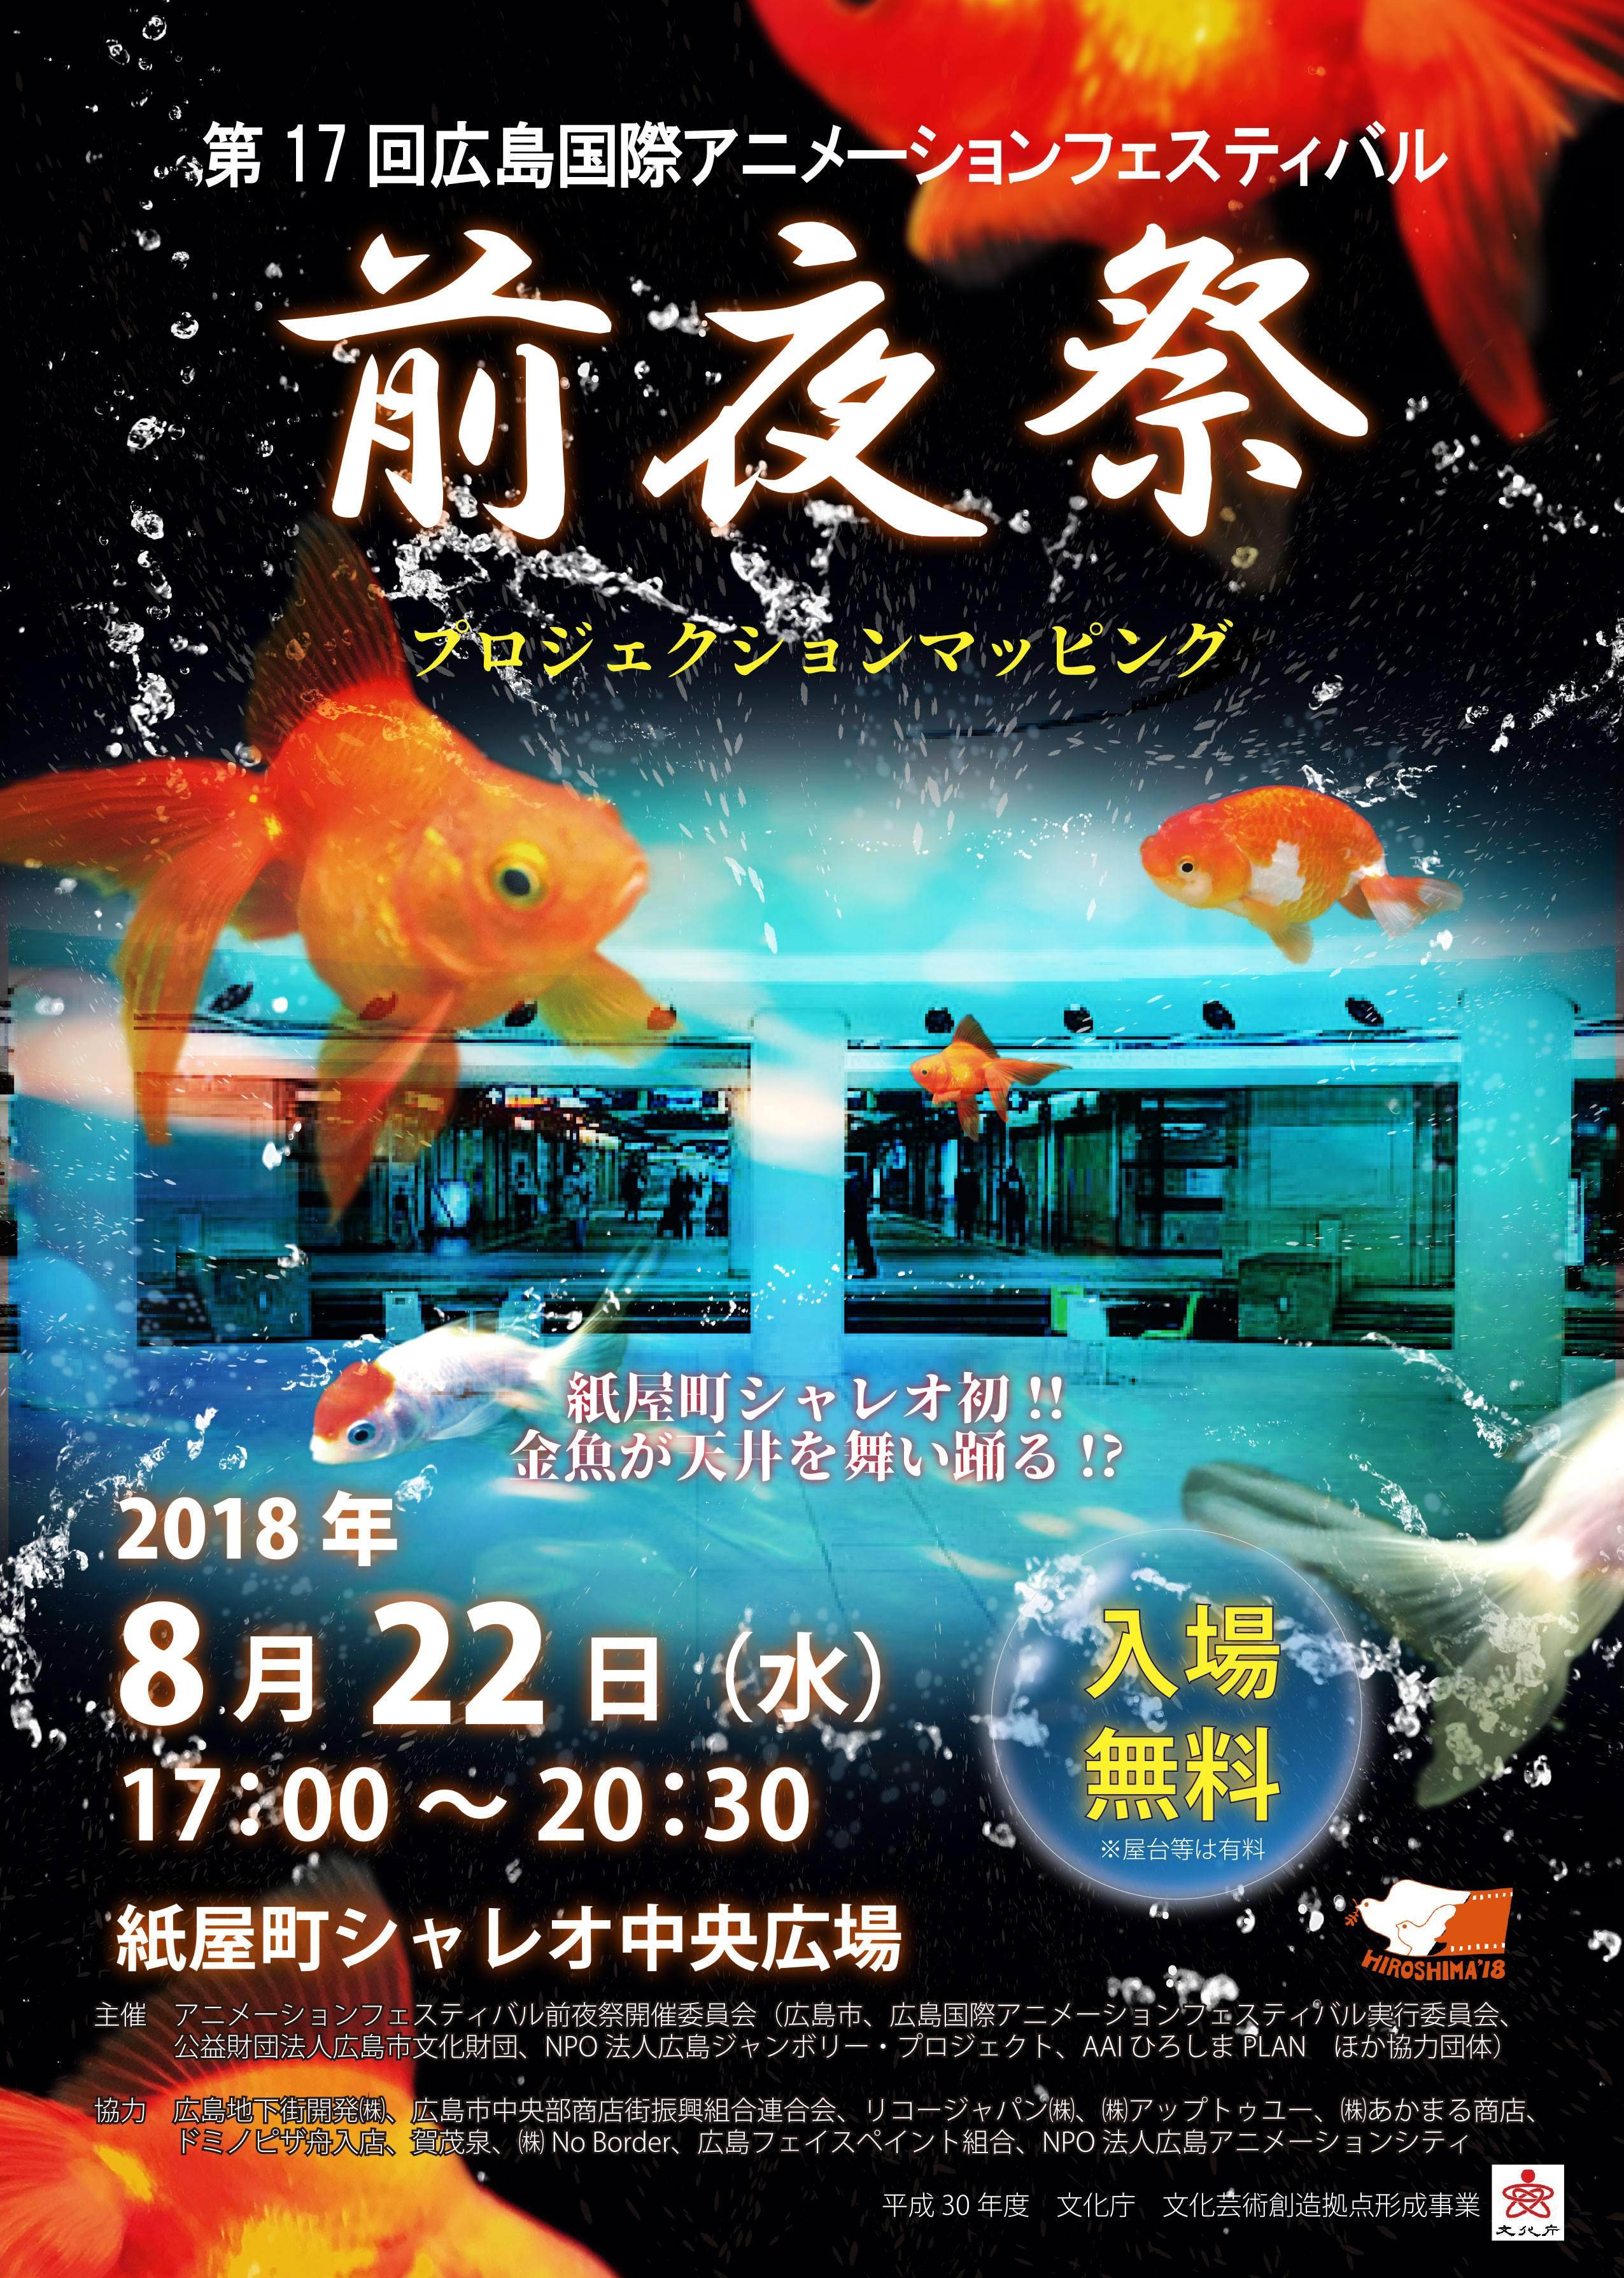 第17回広島国際アニメーションフェスティバル前夜祭